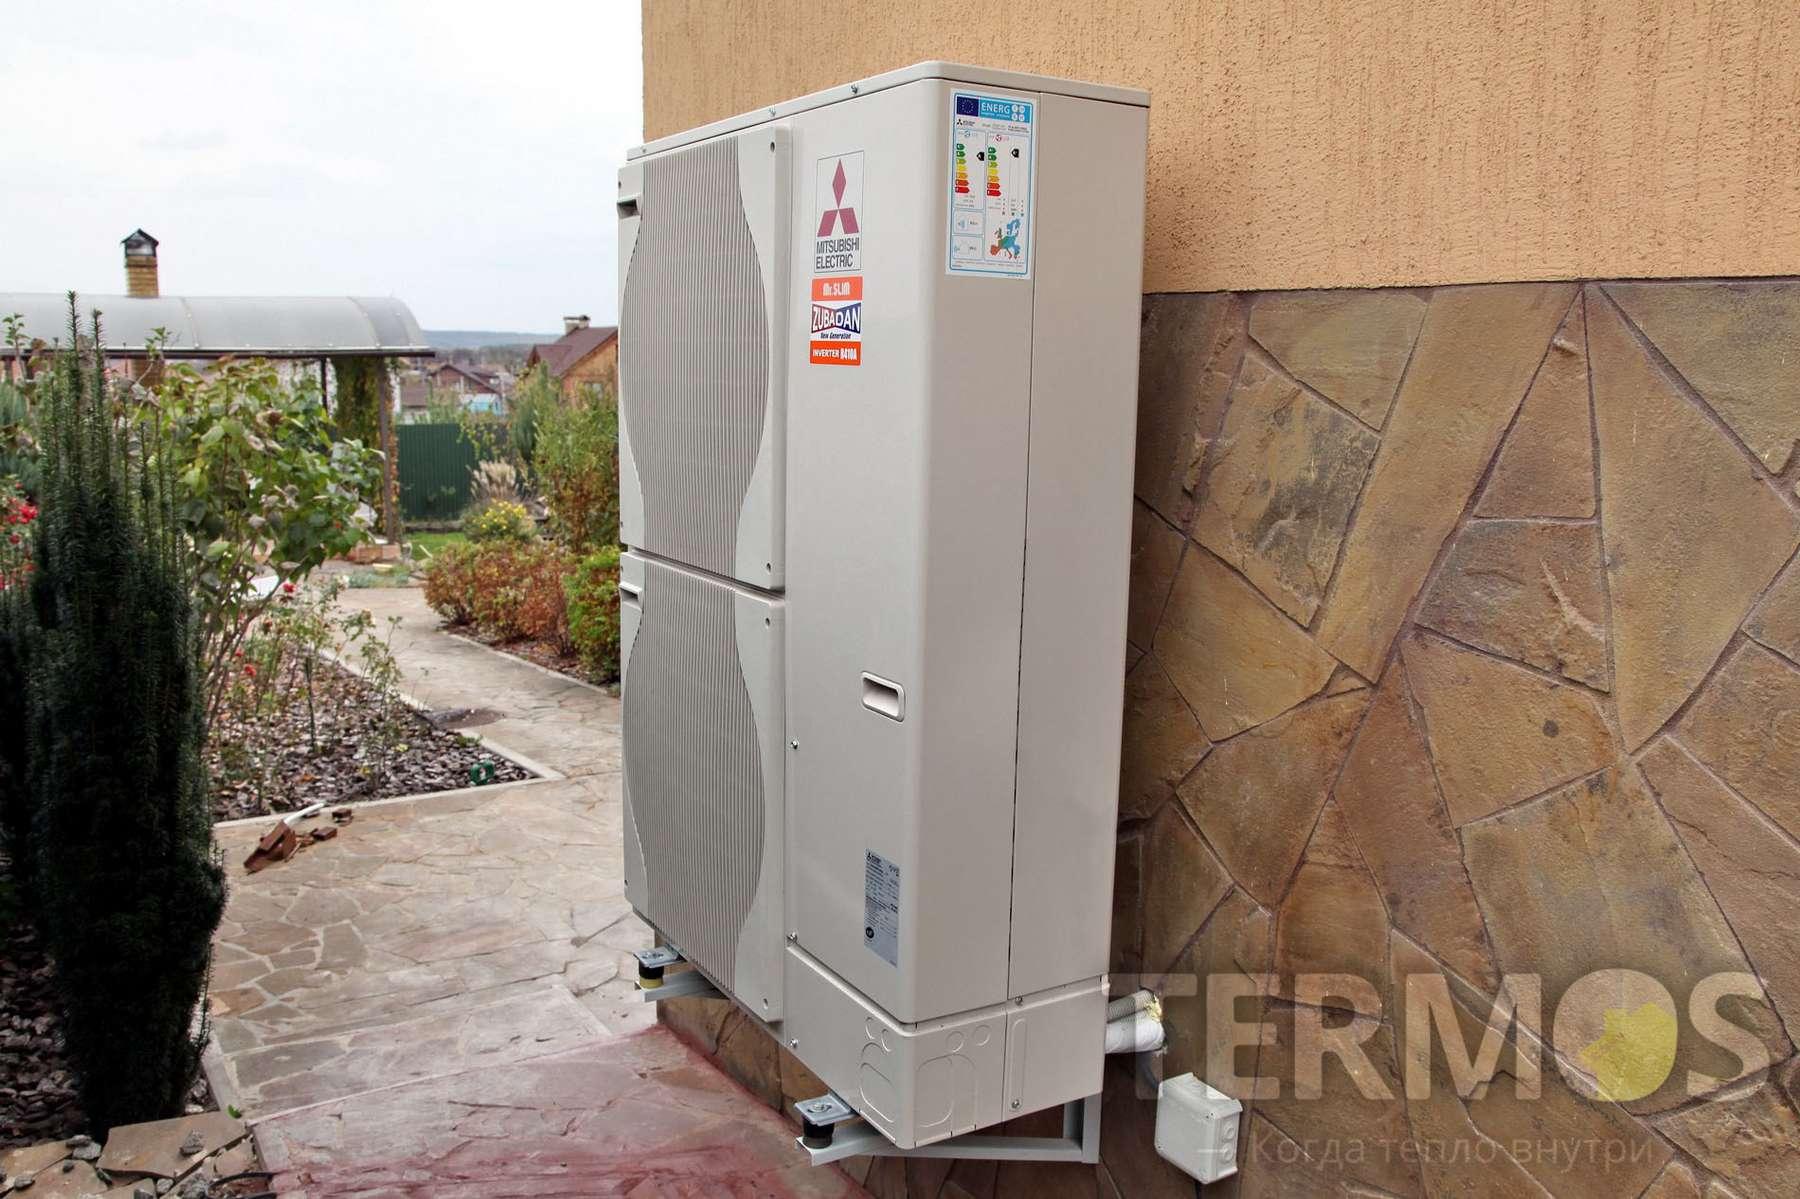 Крюковщина. Дом 300 кв.м. Система отопления на воздушном тепловом насосе ZUBADAN 23 кВт с функциями отопления и горячего водоснабжения. Бойлер ГВС 200 л, пиковый доводчик - конденсационный котел 30 кВт